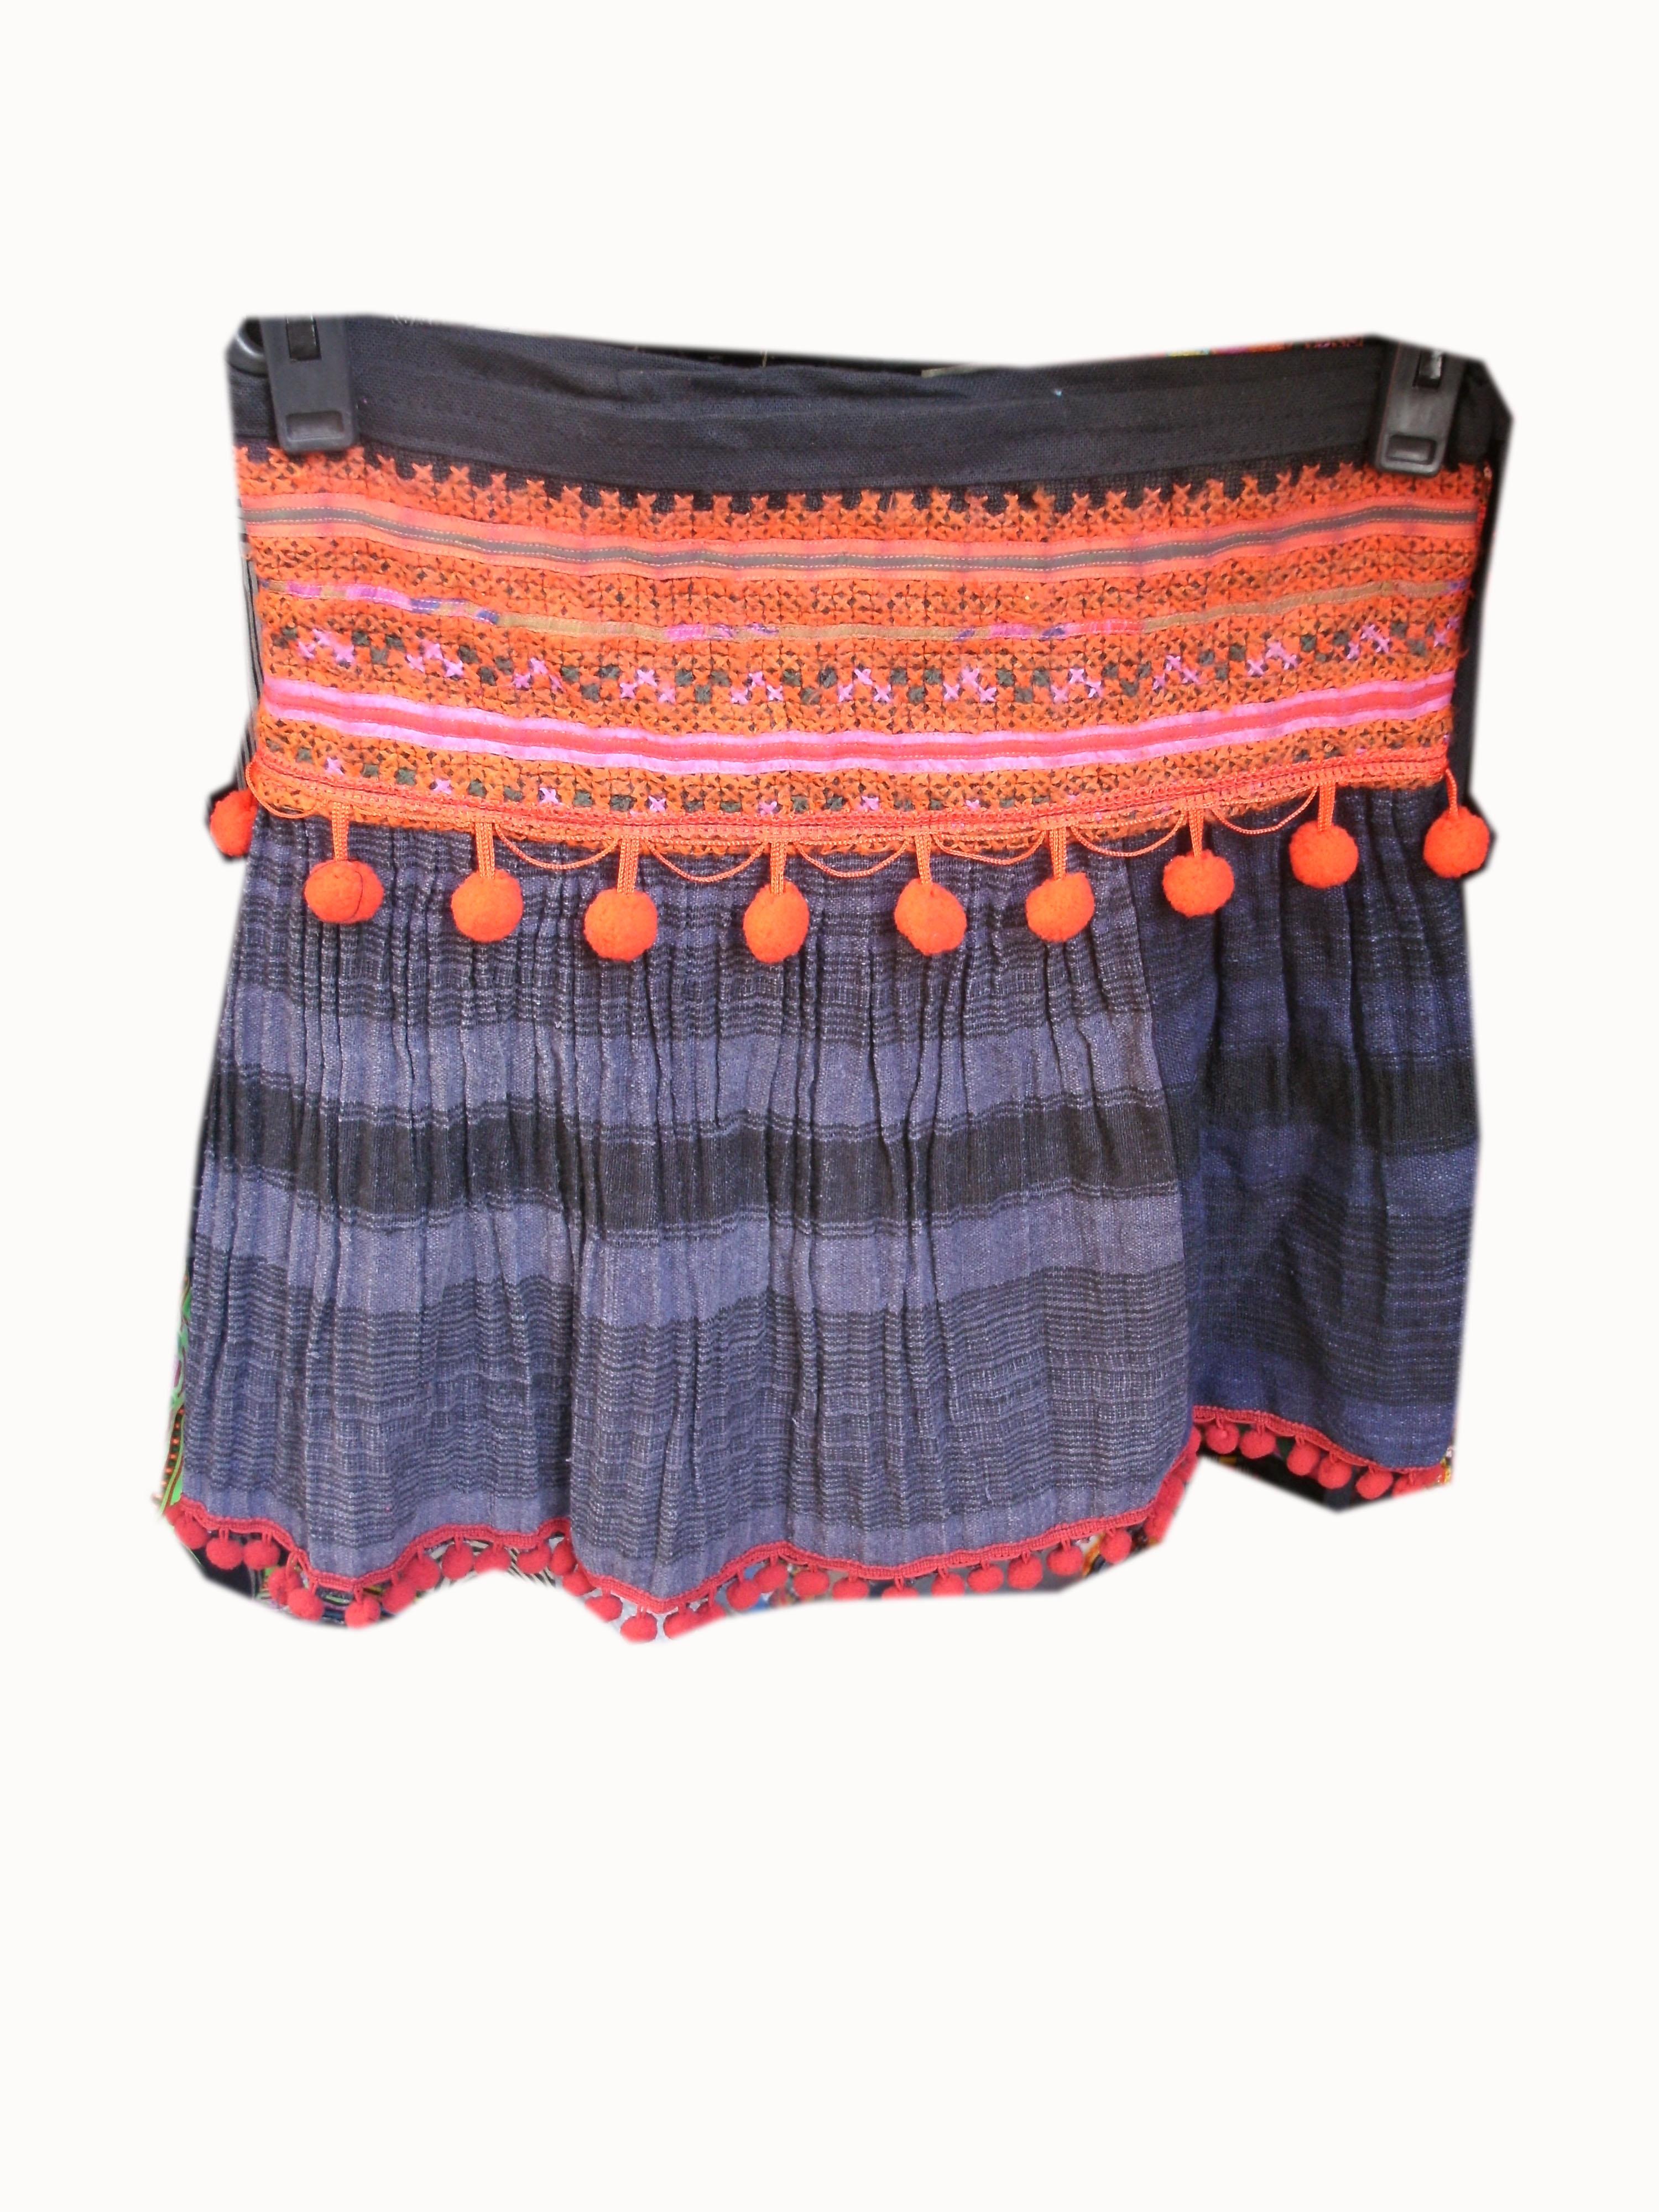 Short Skirt - 3997-1